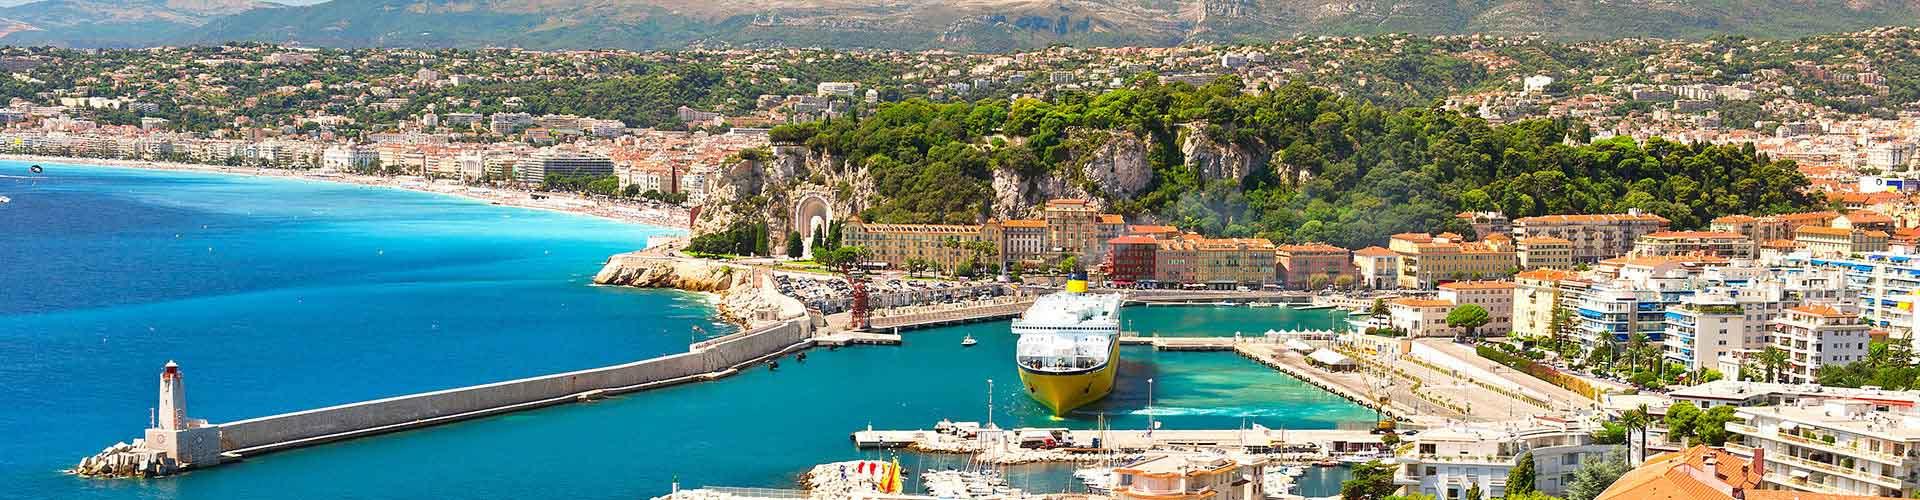 Niza - Hoteles baratos en el distrito Les Musiciens. Mapas de Niza, Fotos y comentarios de cada Hotel barato en Niza.